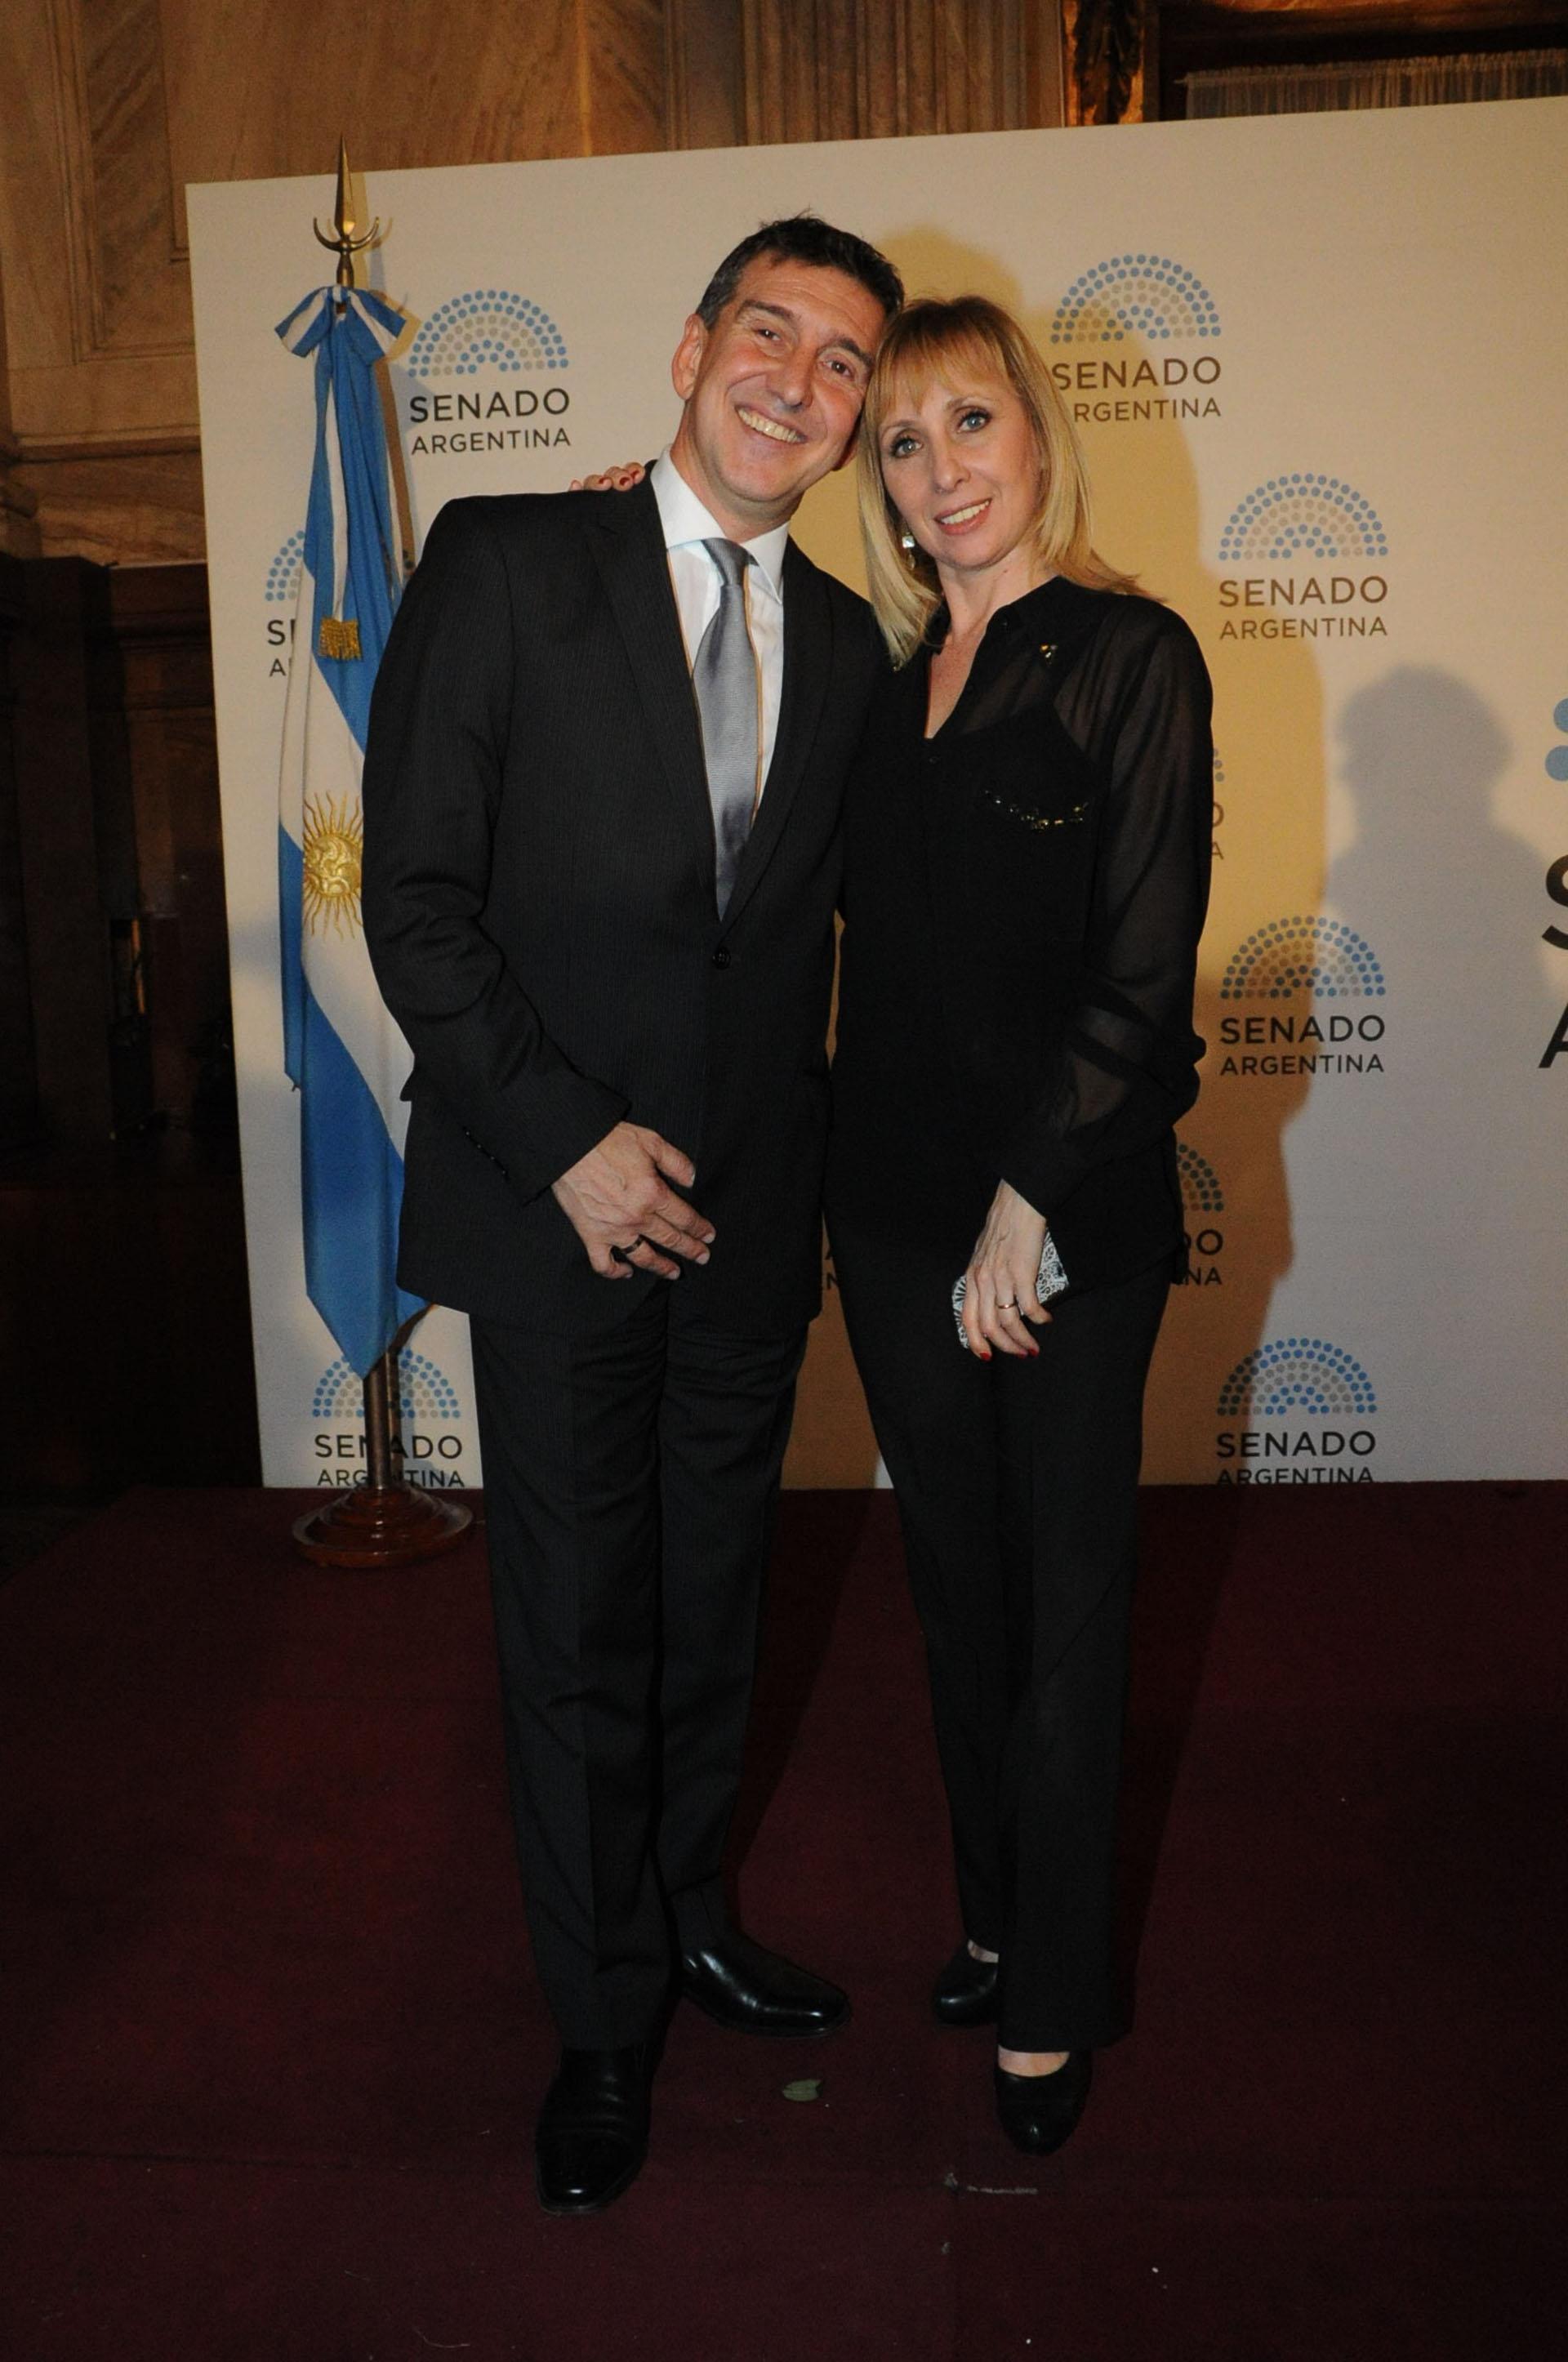 Julio Bocca y Eleonora Cassano, compartieron como grandes amigos que son, la ceremonia